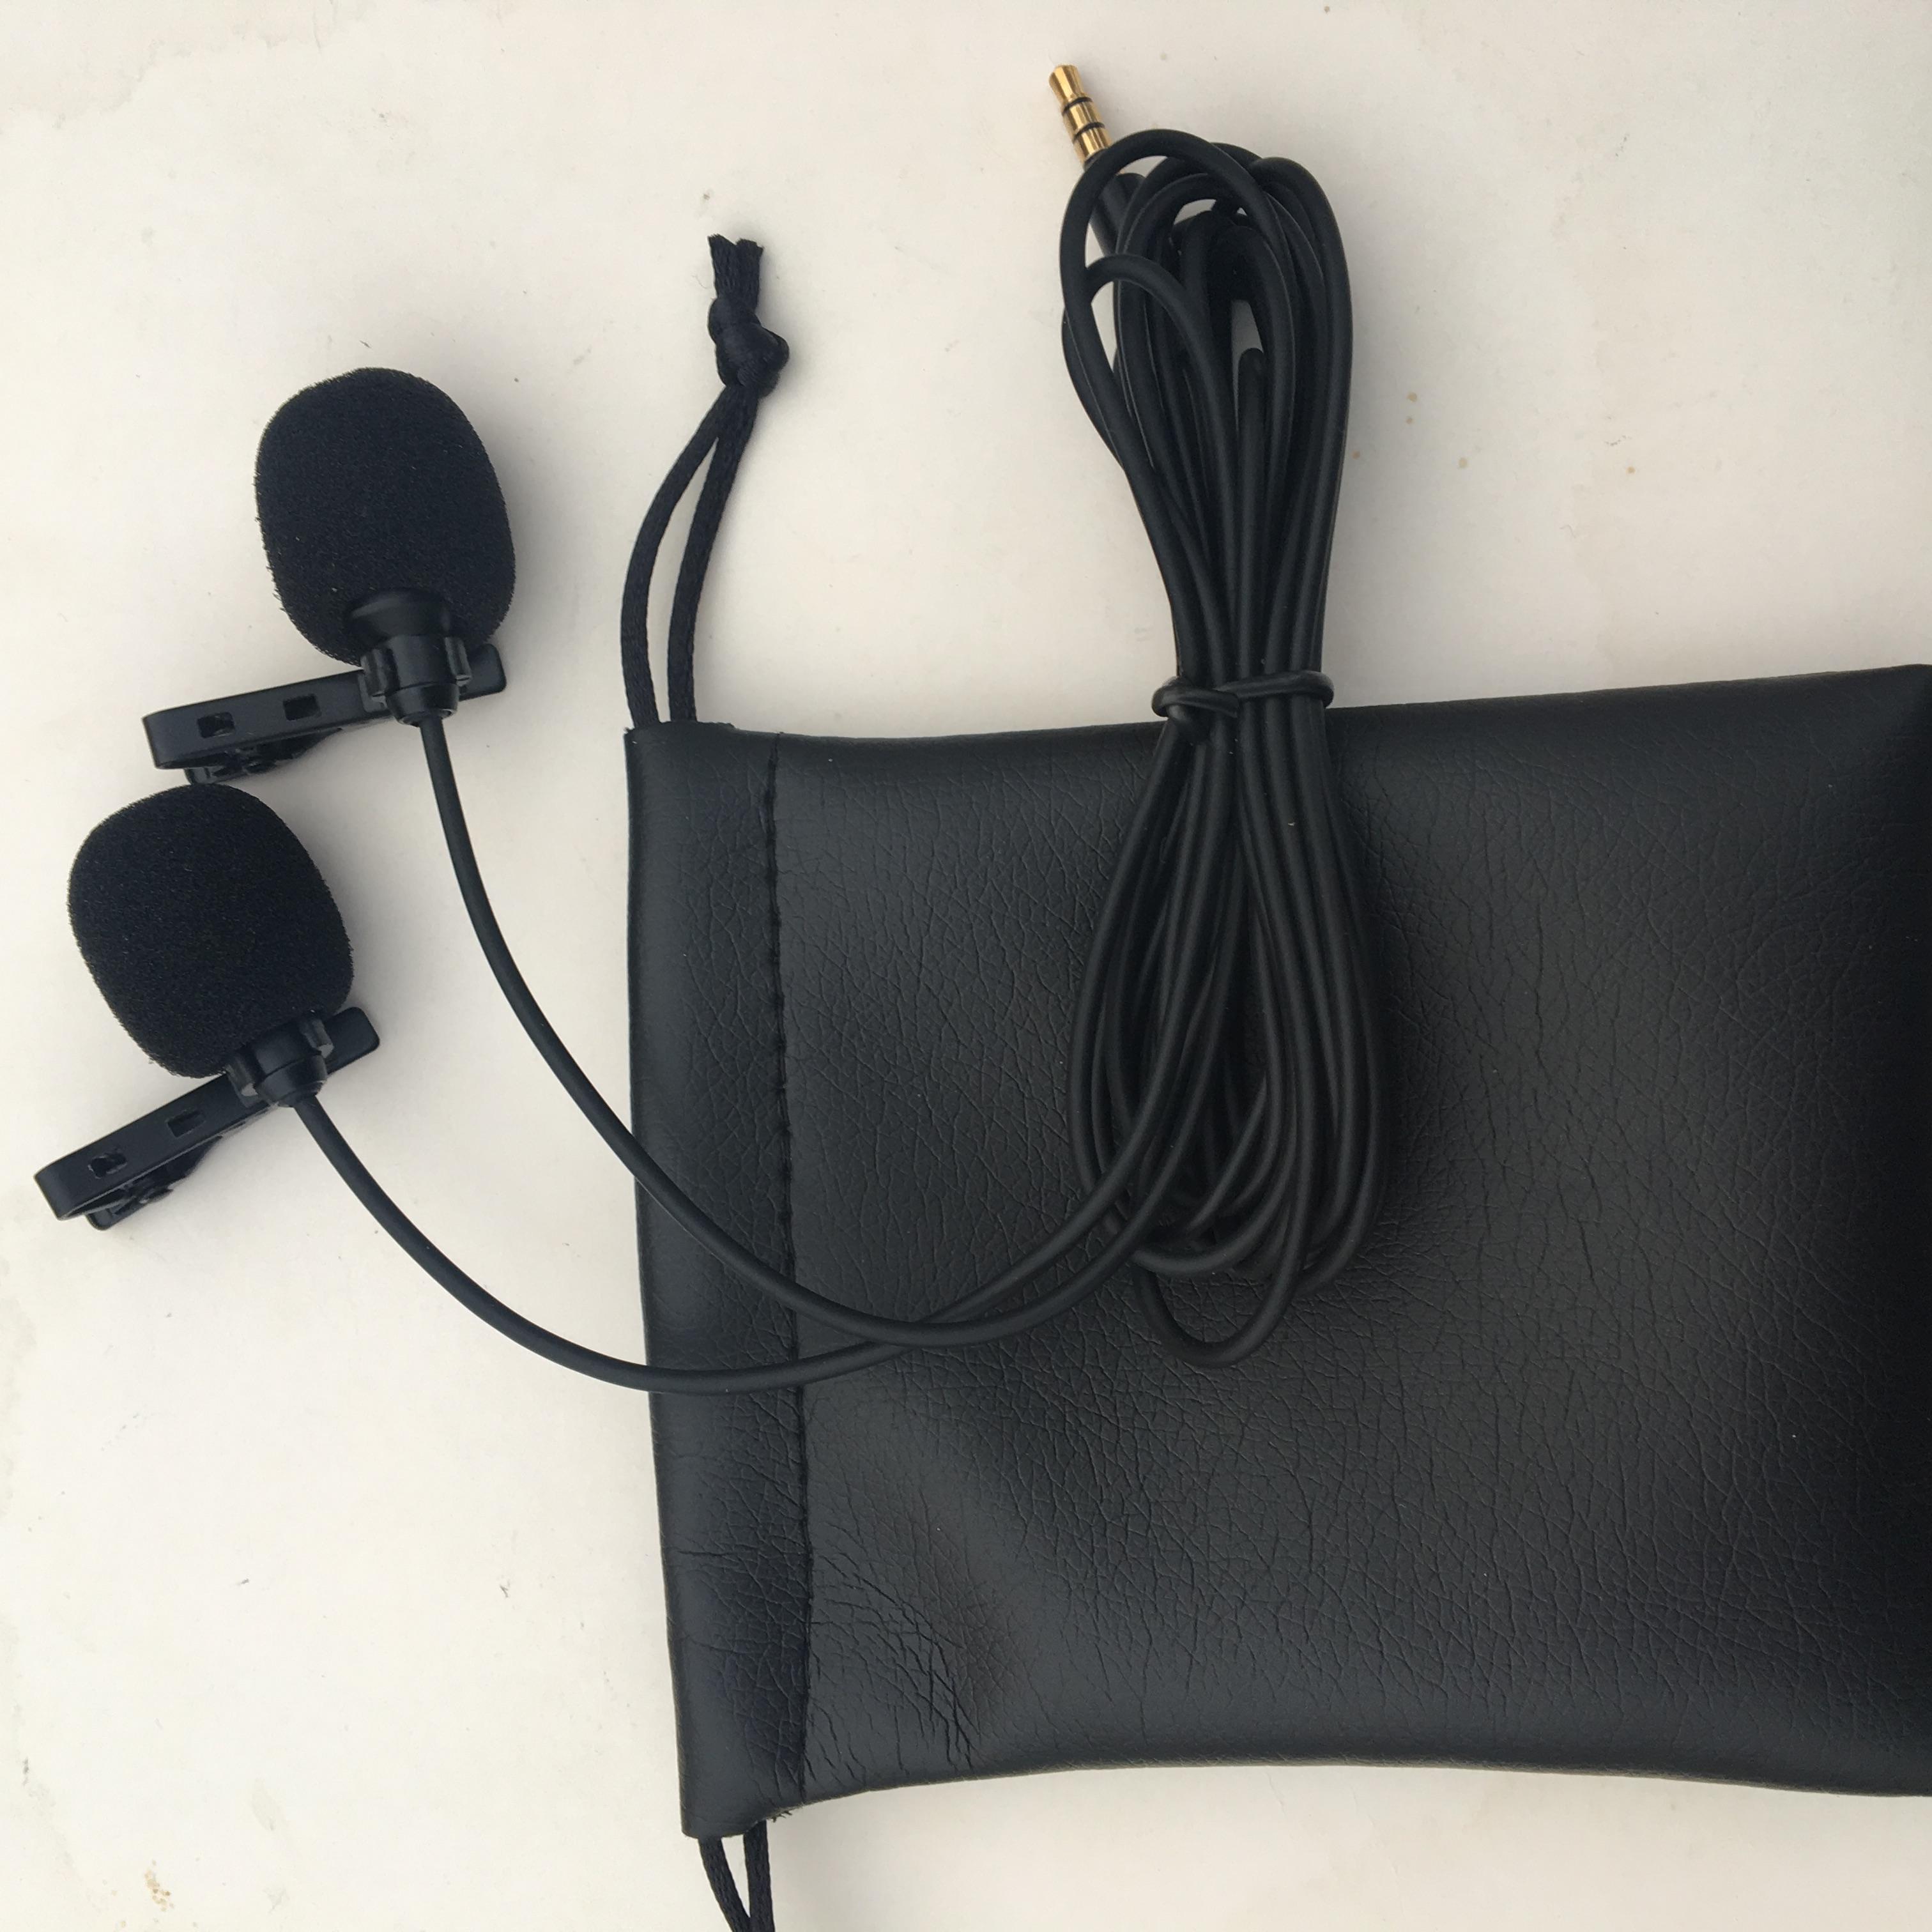 Micro kẹp áo thu âm đôi dùng cho điện thoại, máy tính bảng, laptop